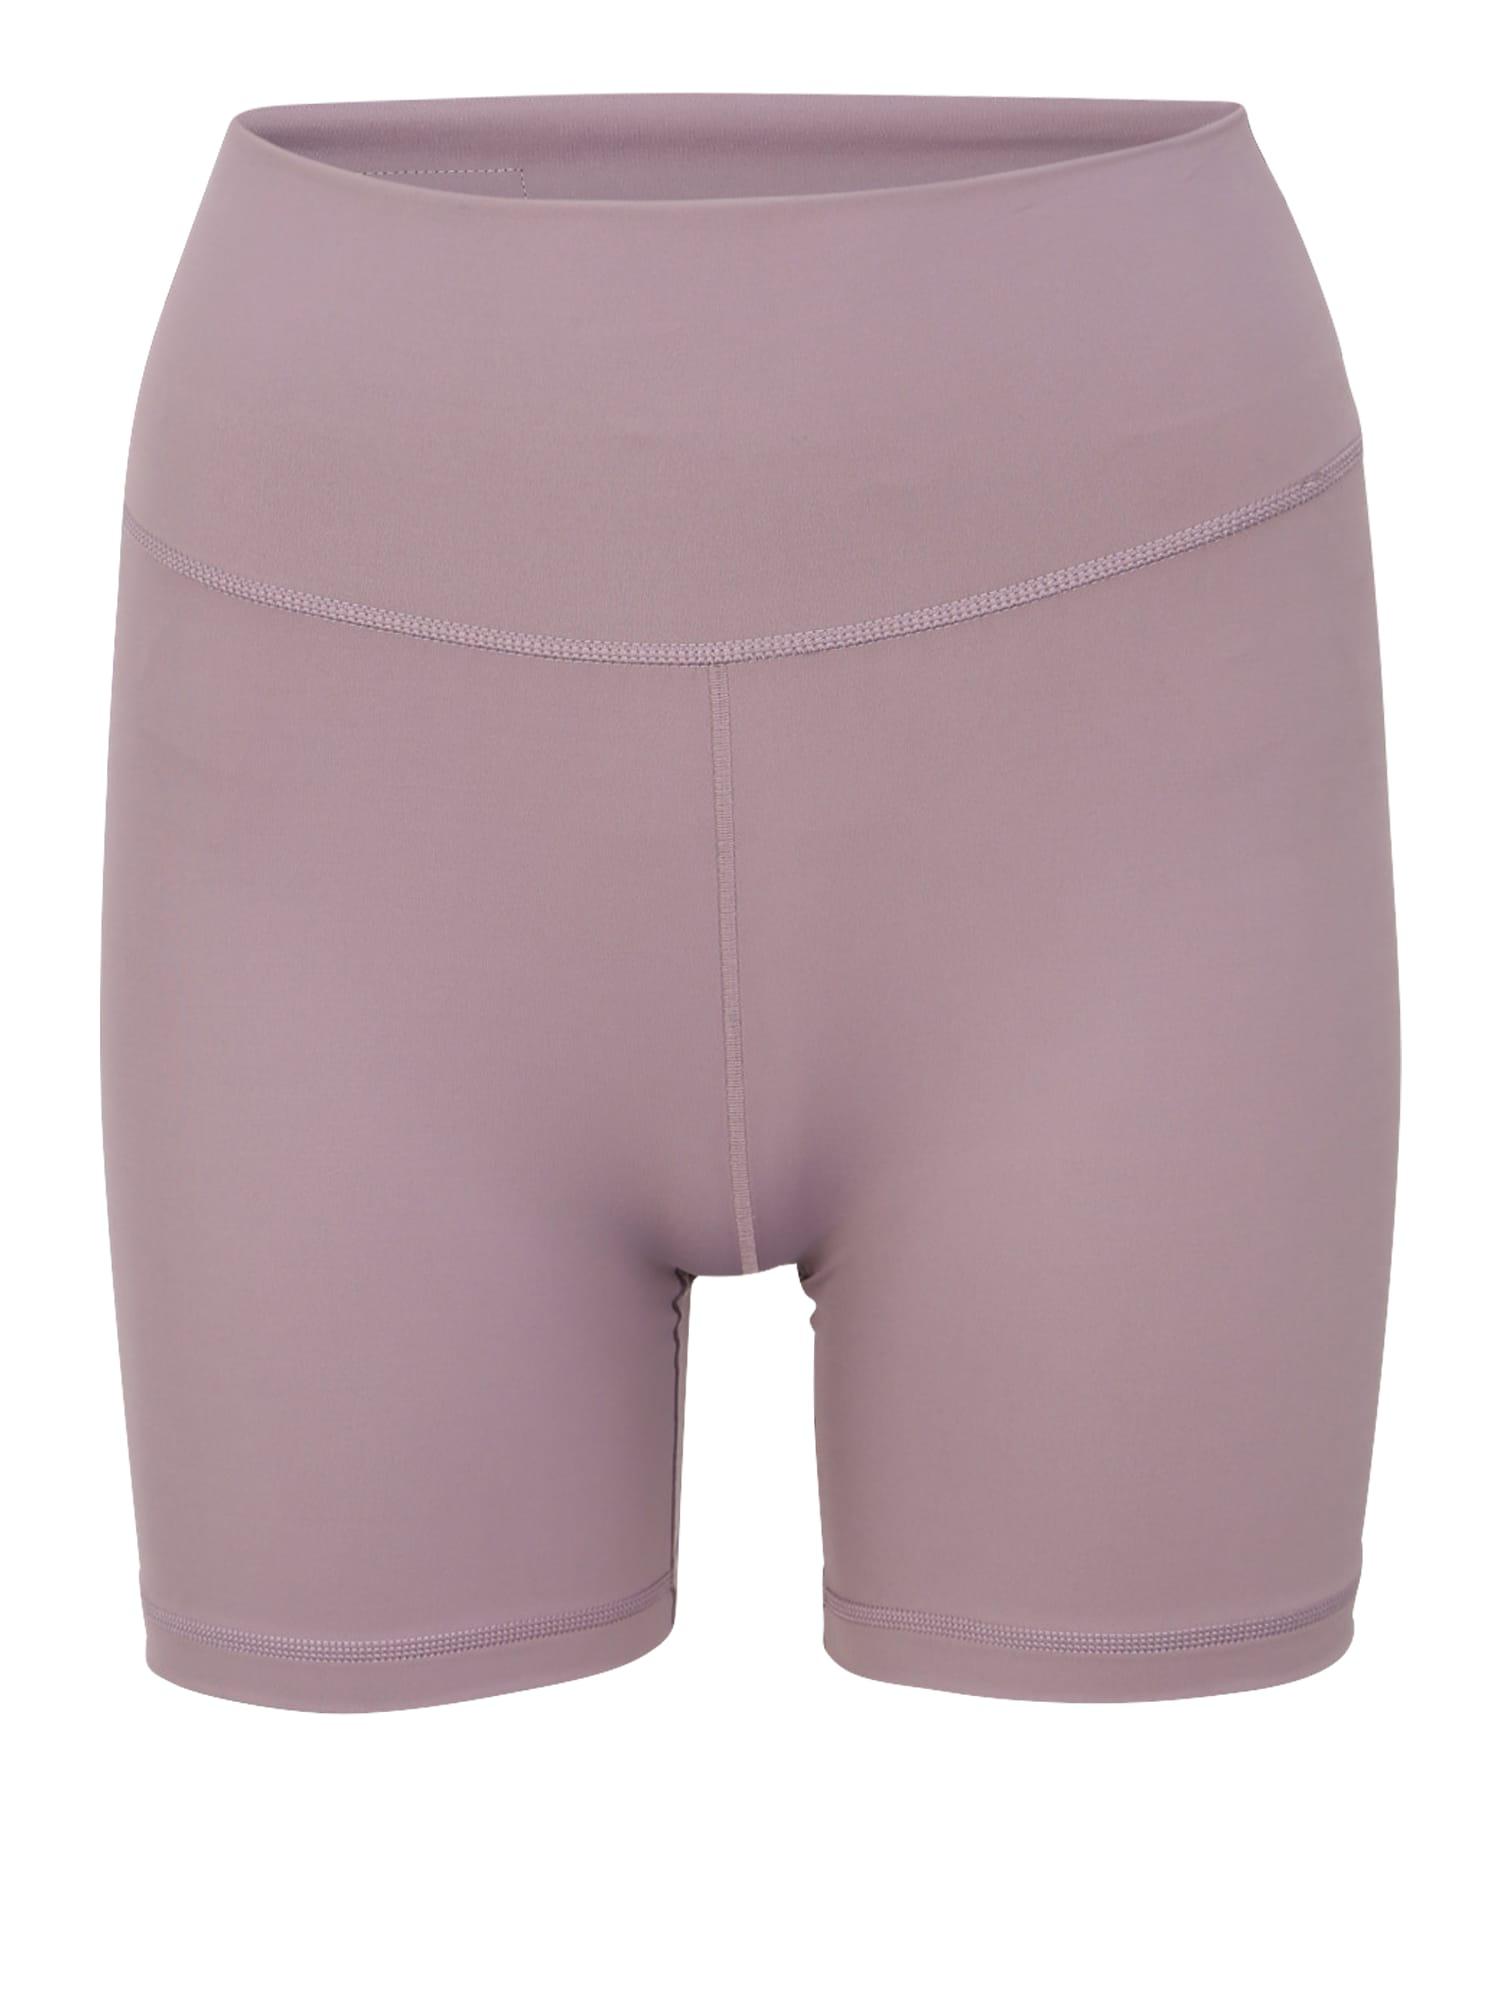 ADIDAS PERFORMANCE Sportinės kelnės rausvai violetinė spalva